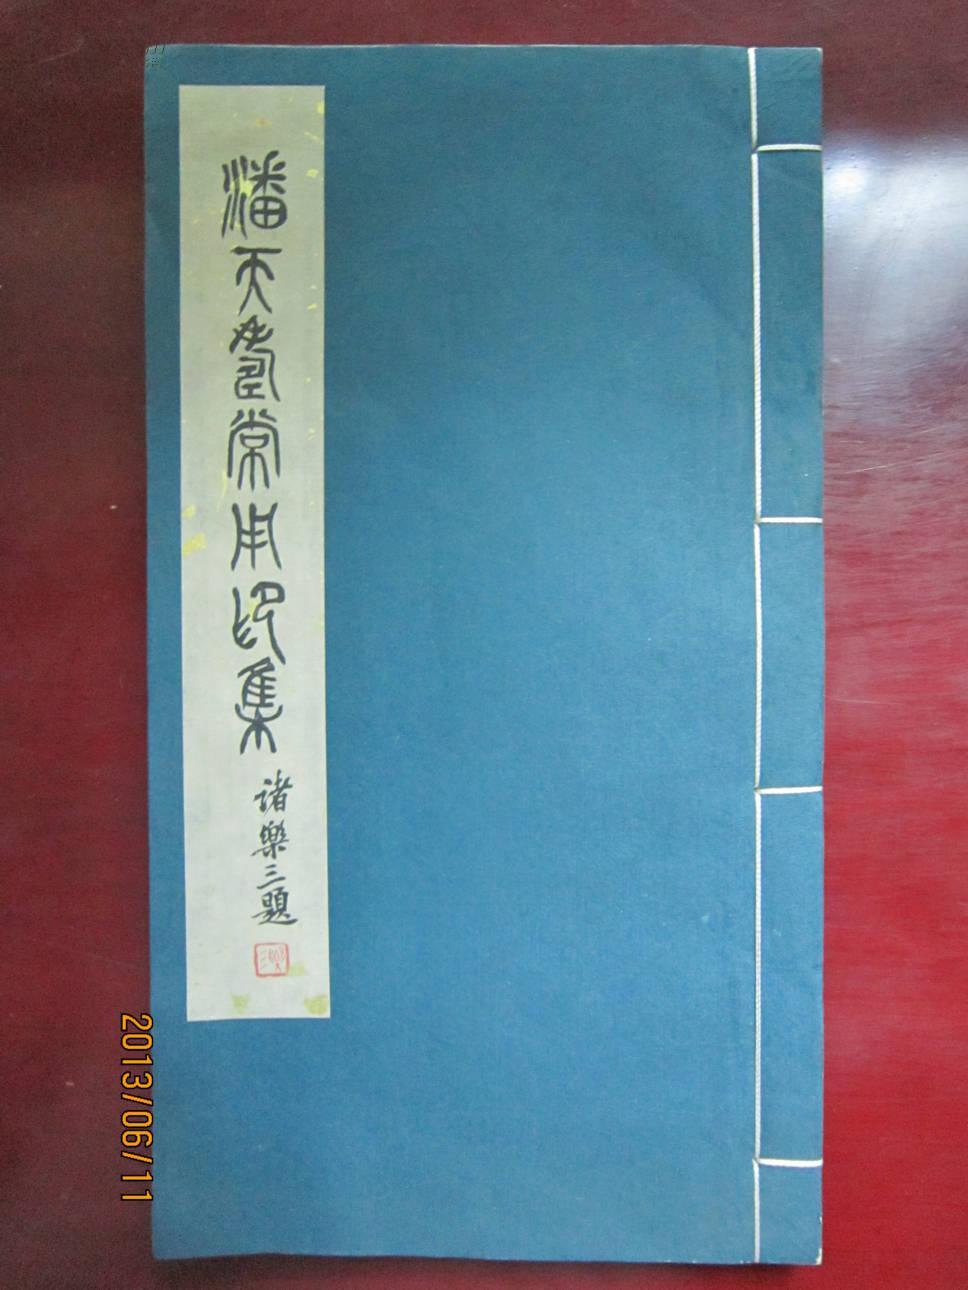 潘天寿常用印集